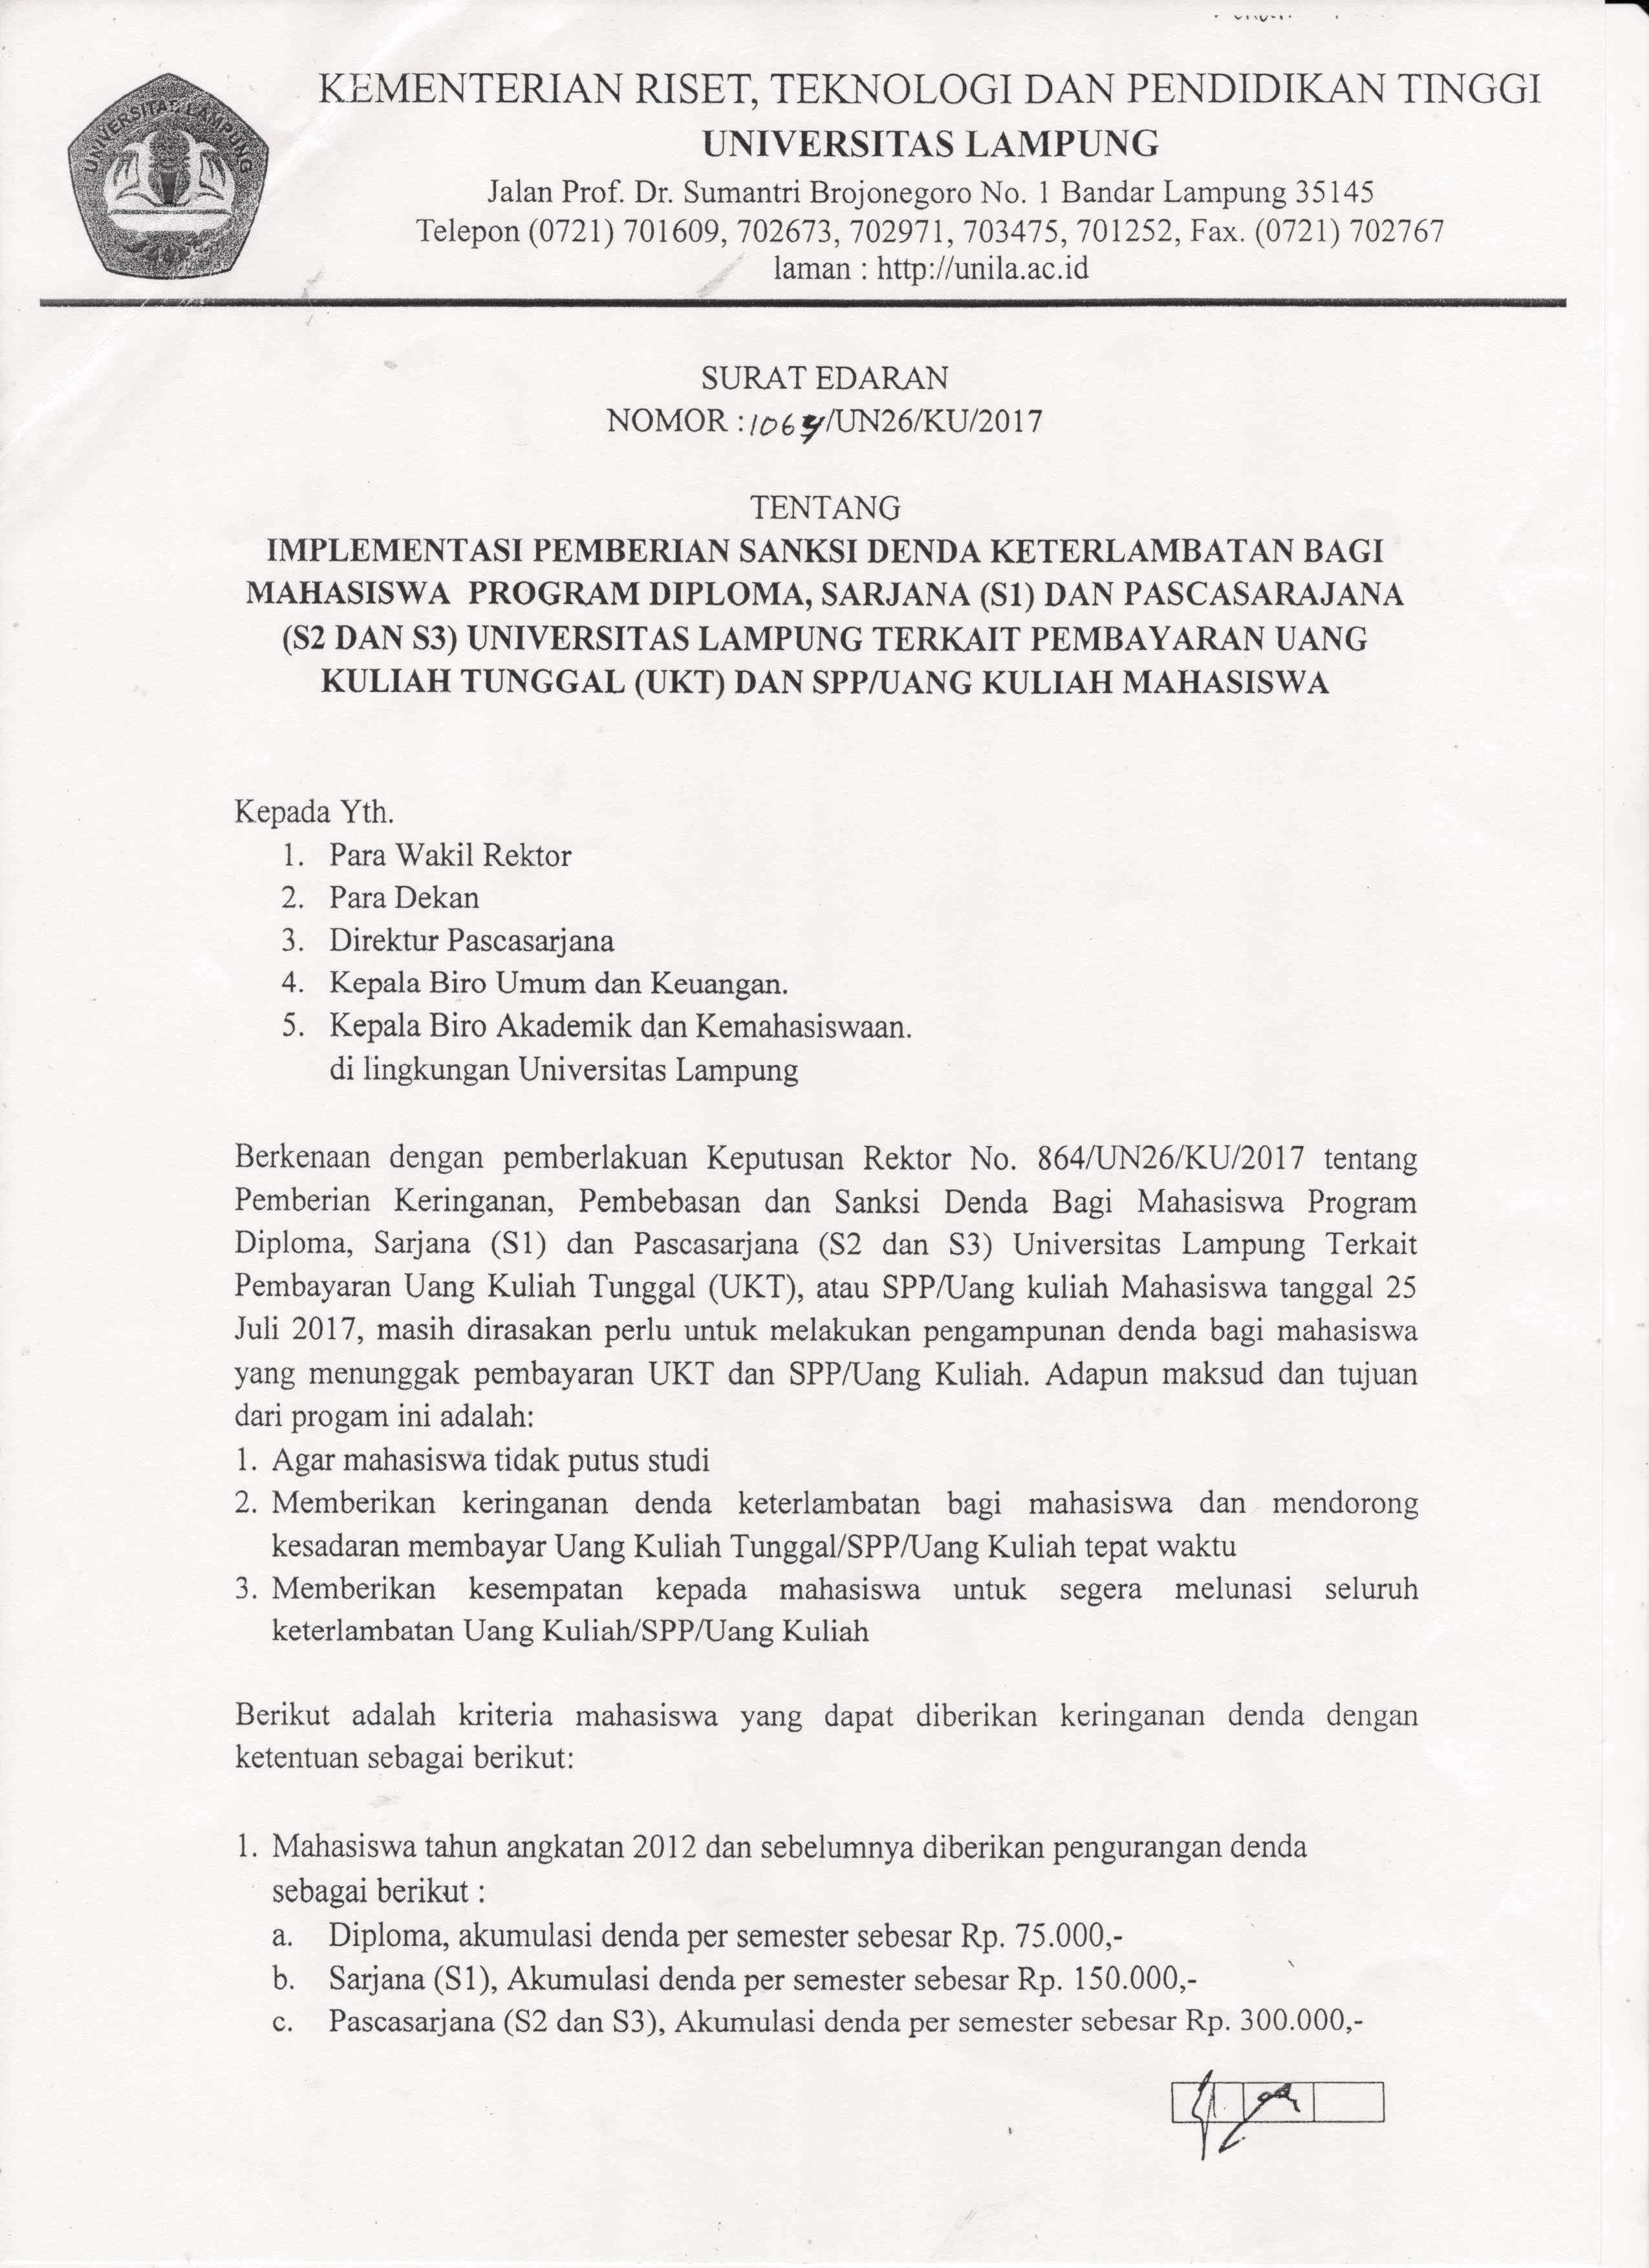 Contoh Surat Pemberitahuan Keterlambatan Pembayaran Gaji